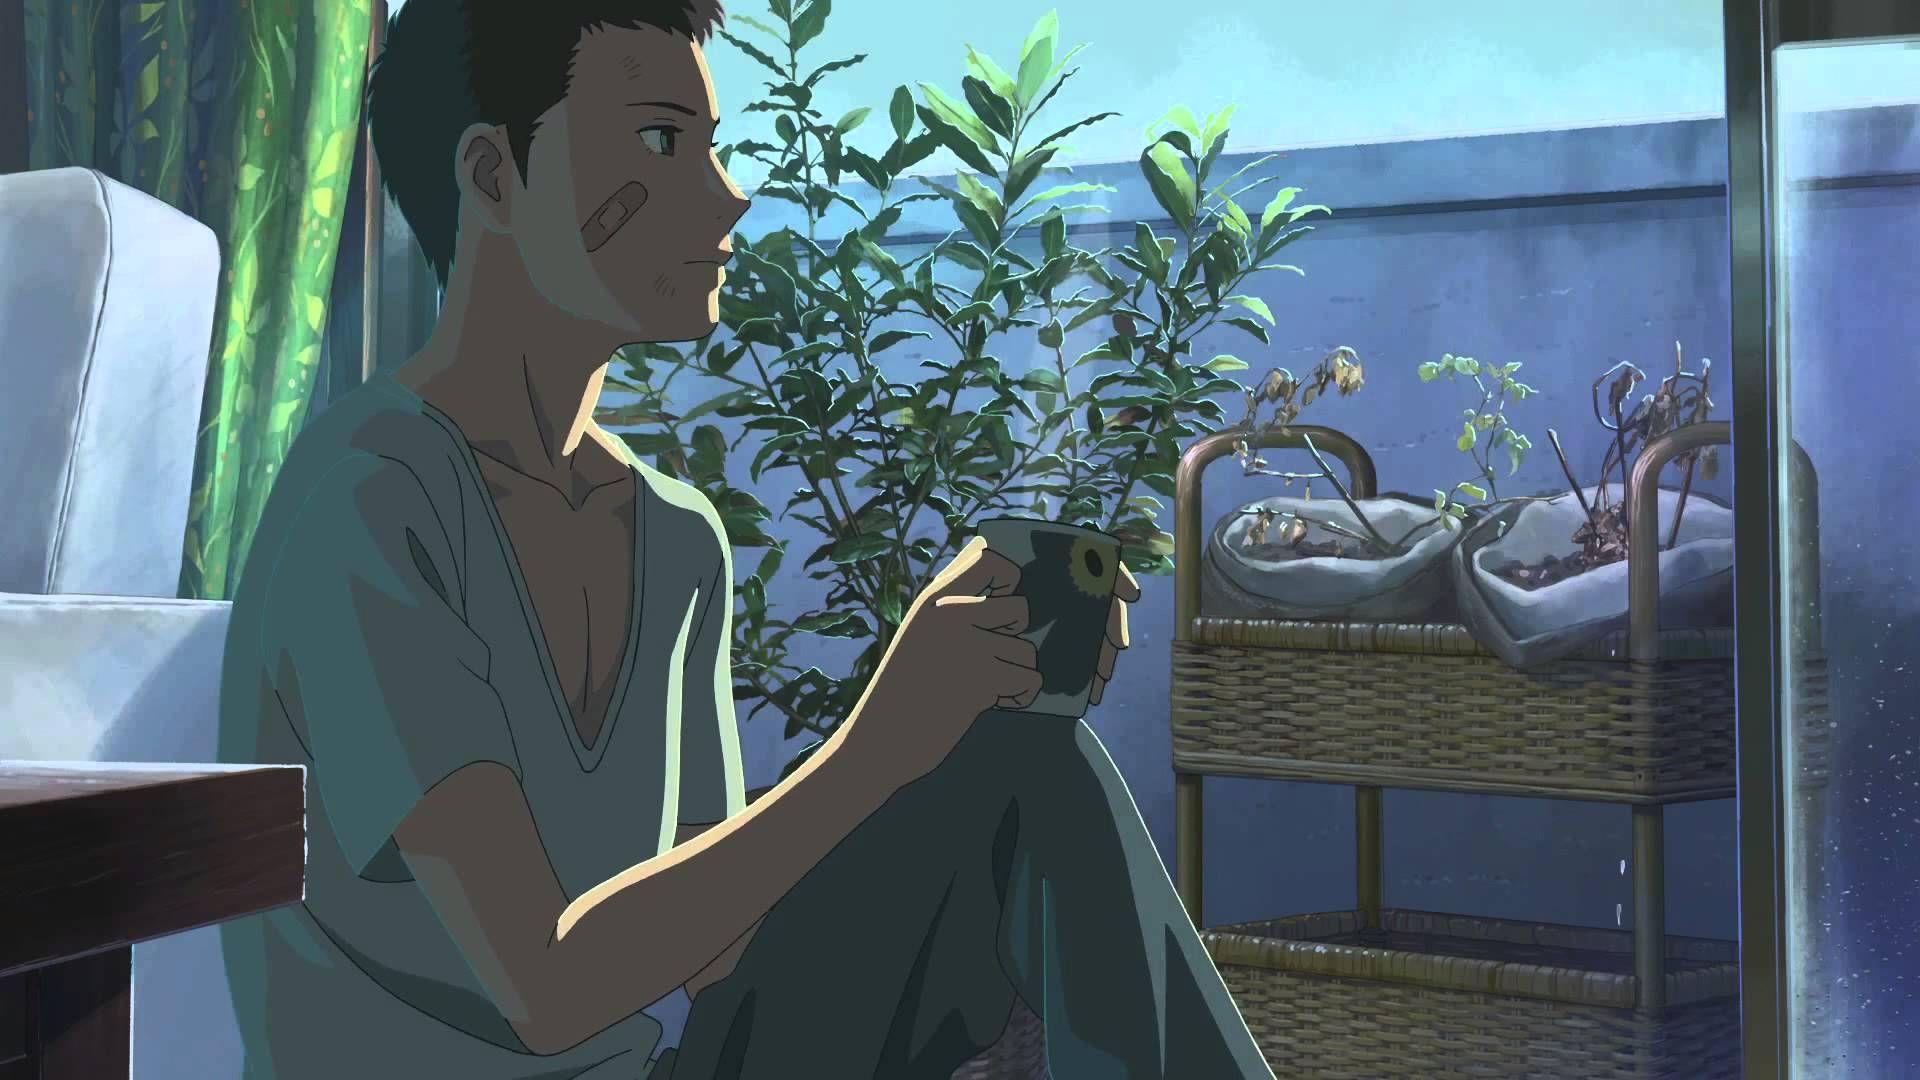 The Garden Of Words Kiujhi El Jardin De Las Palabras Jardin De Las Palabras Arte De Animacion Fondo De Anime